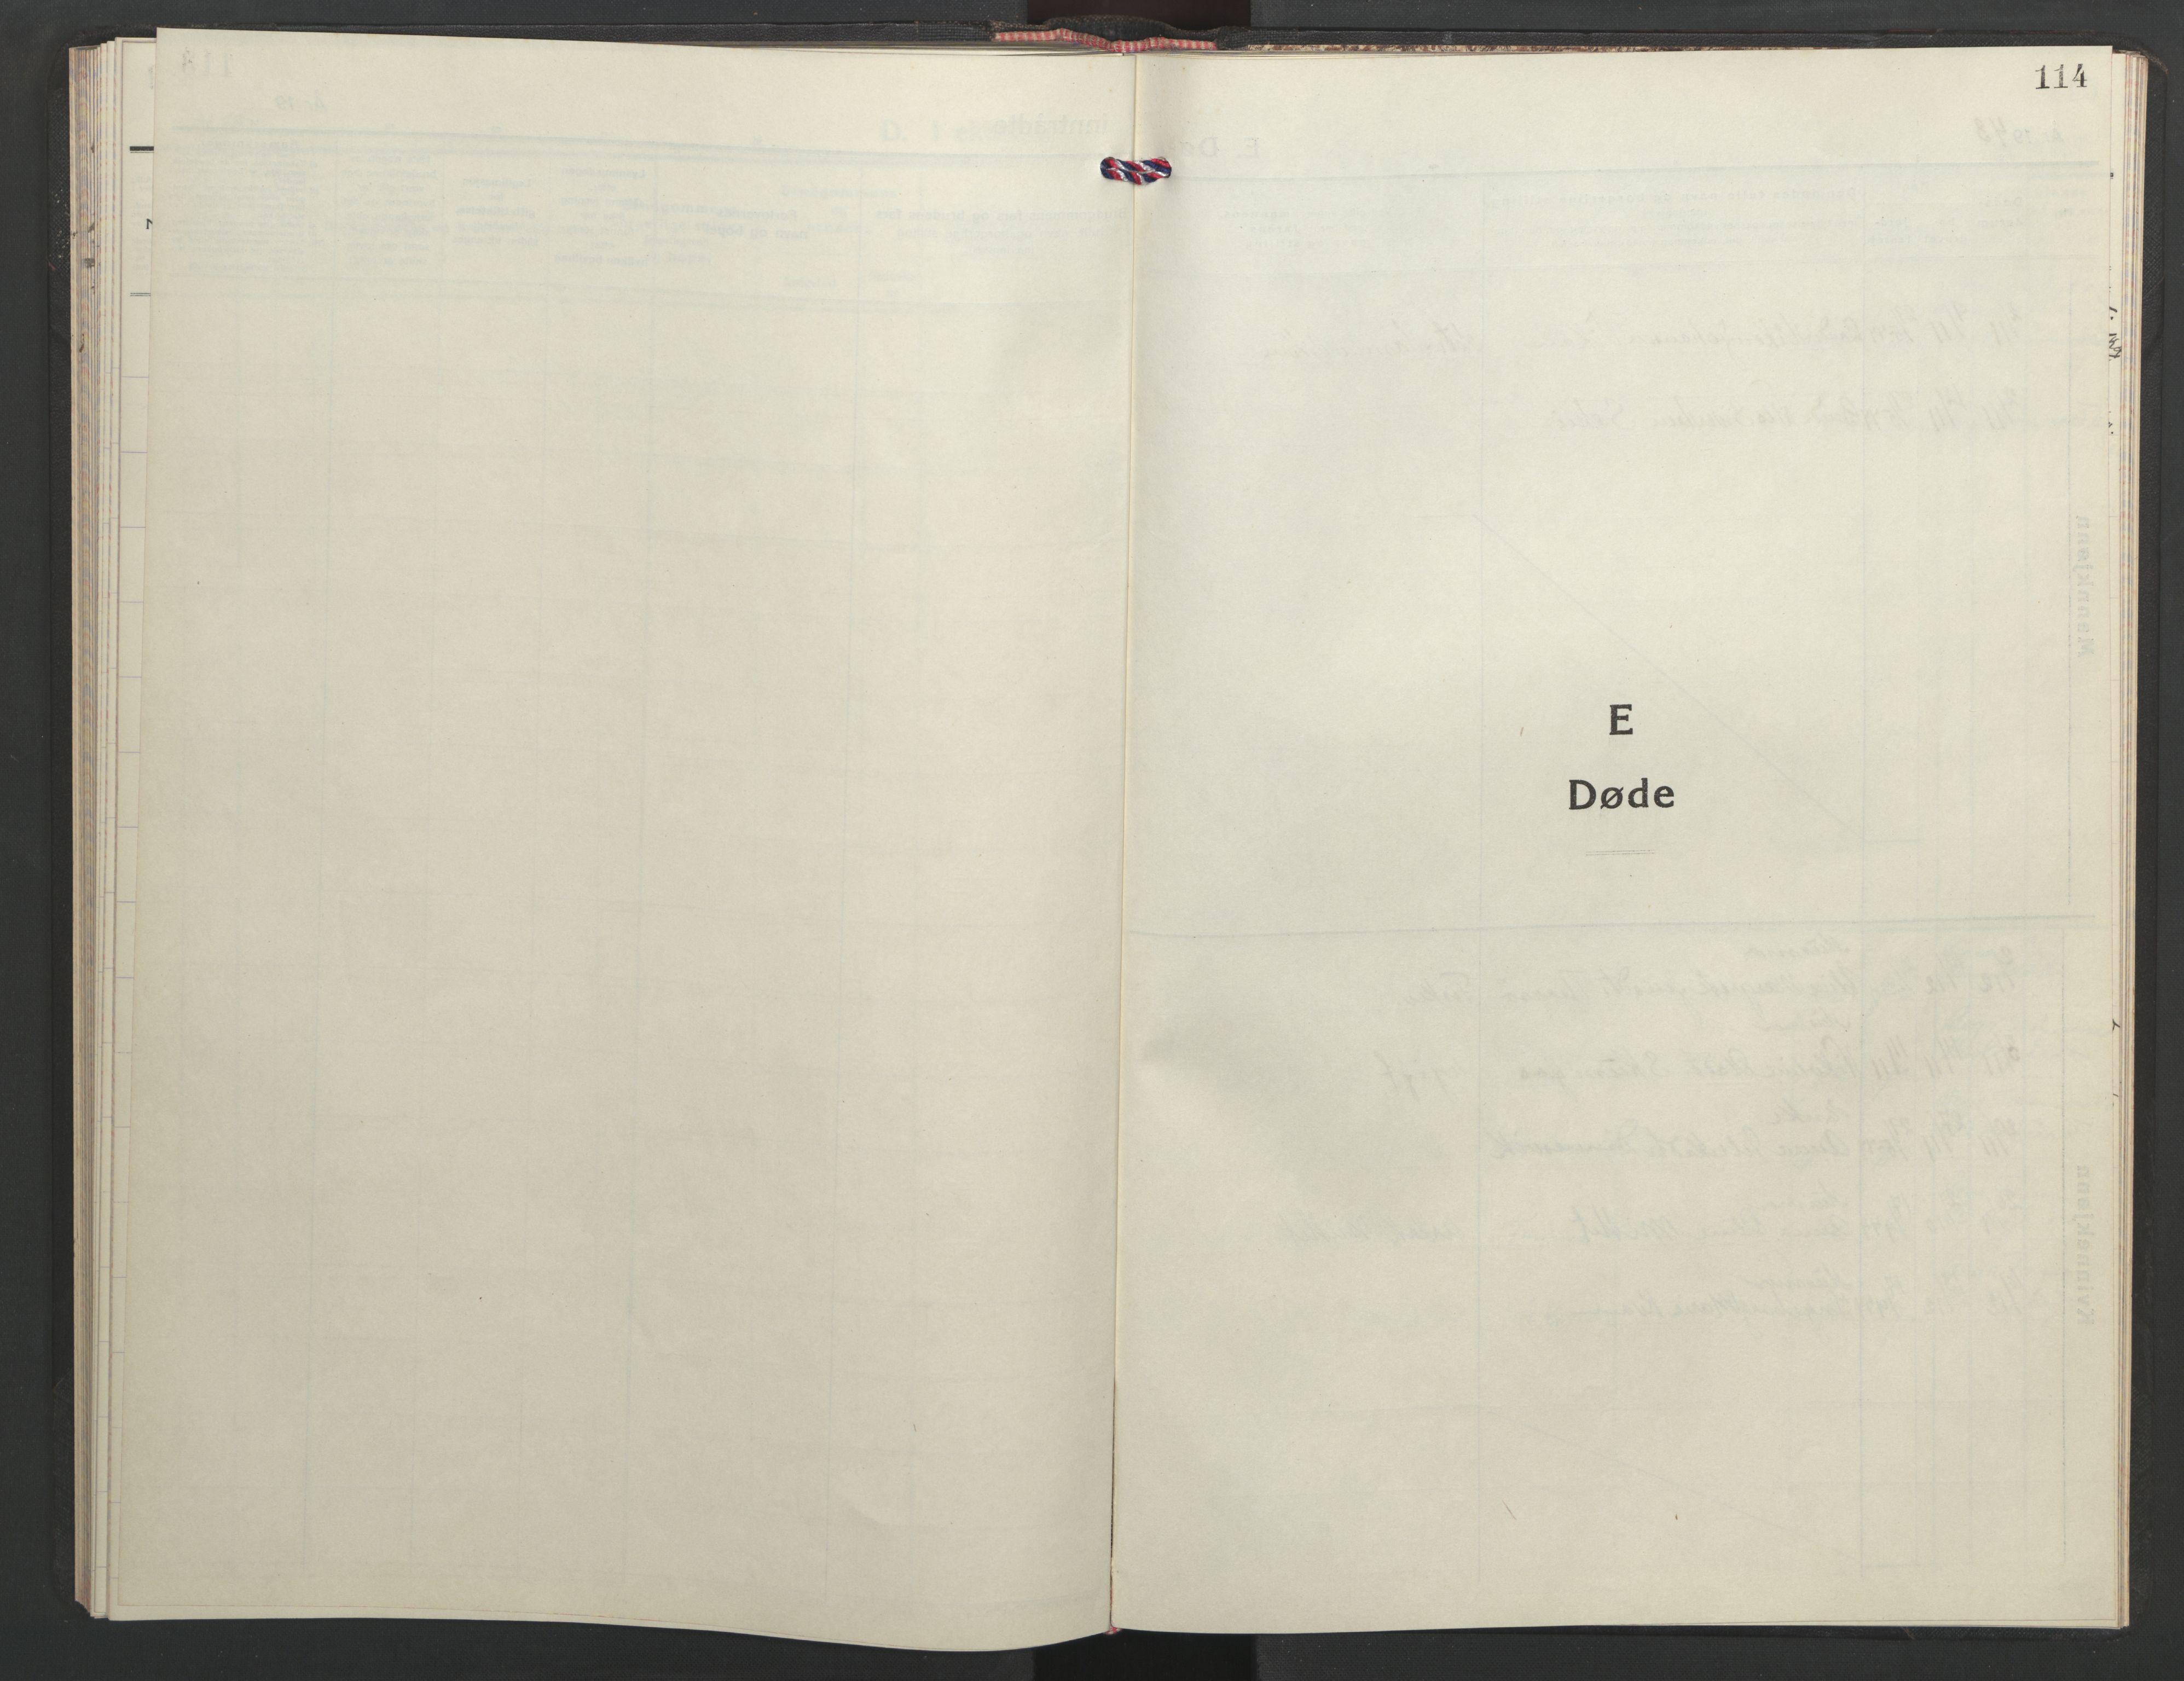 SAT, Ministerialprotokoller, klokkerbøker og fødselsregistre - Sør-Trøndelag, 635/L0556: Klokkerbok nr. 635C04, 1943-1945, s. 114